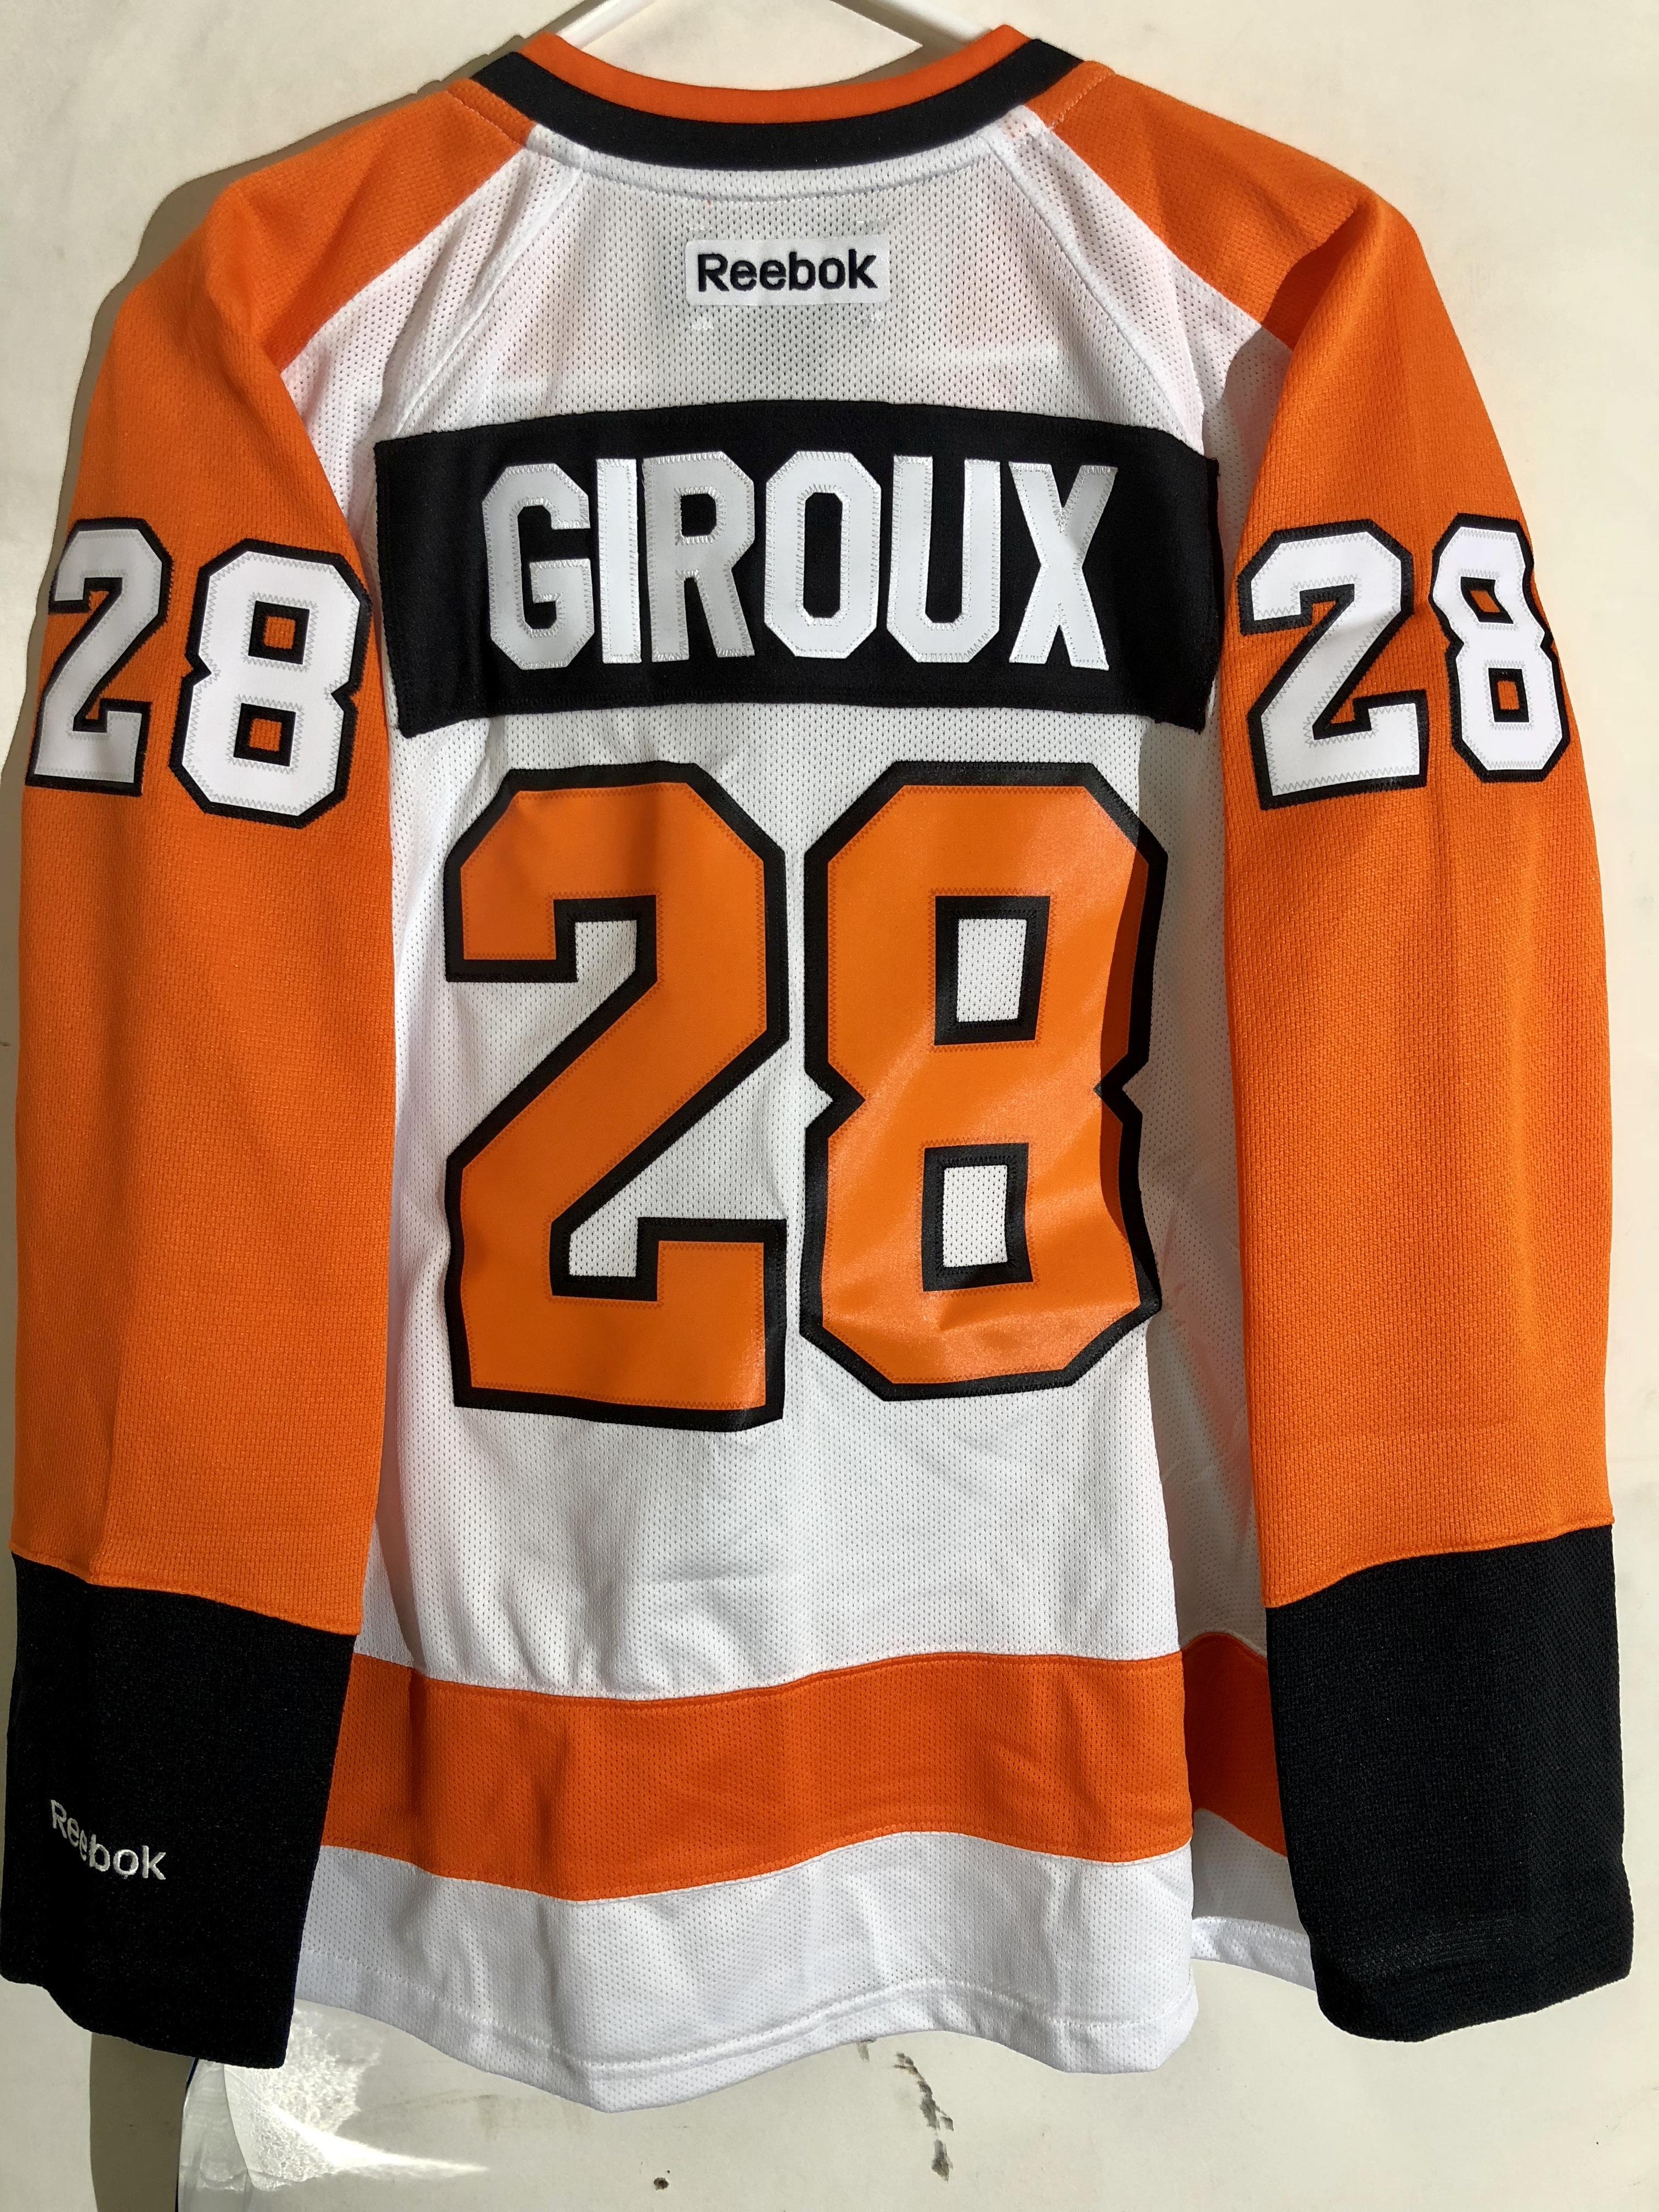 8ee9b7d12 Reebok Women's Premier NHL Jersey Philadelphia Flyers Giroux White ...